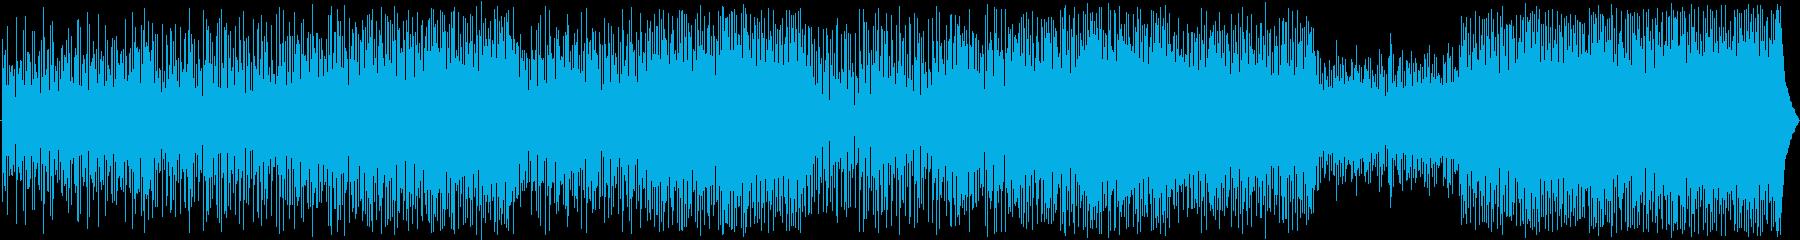 オリジナルのメロディーを備えた、軽...の再生済みの波形